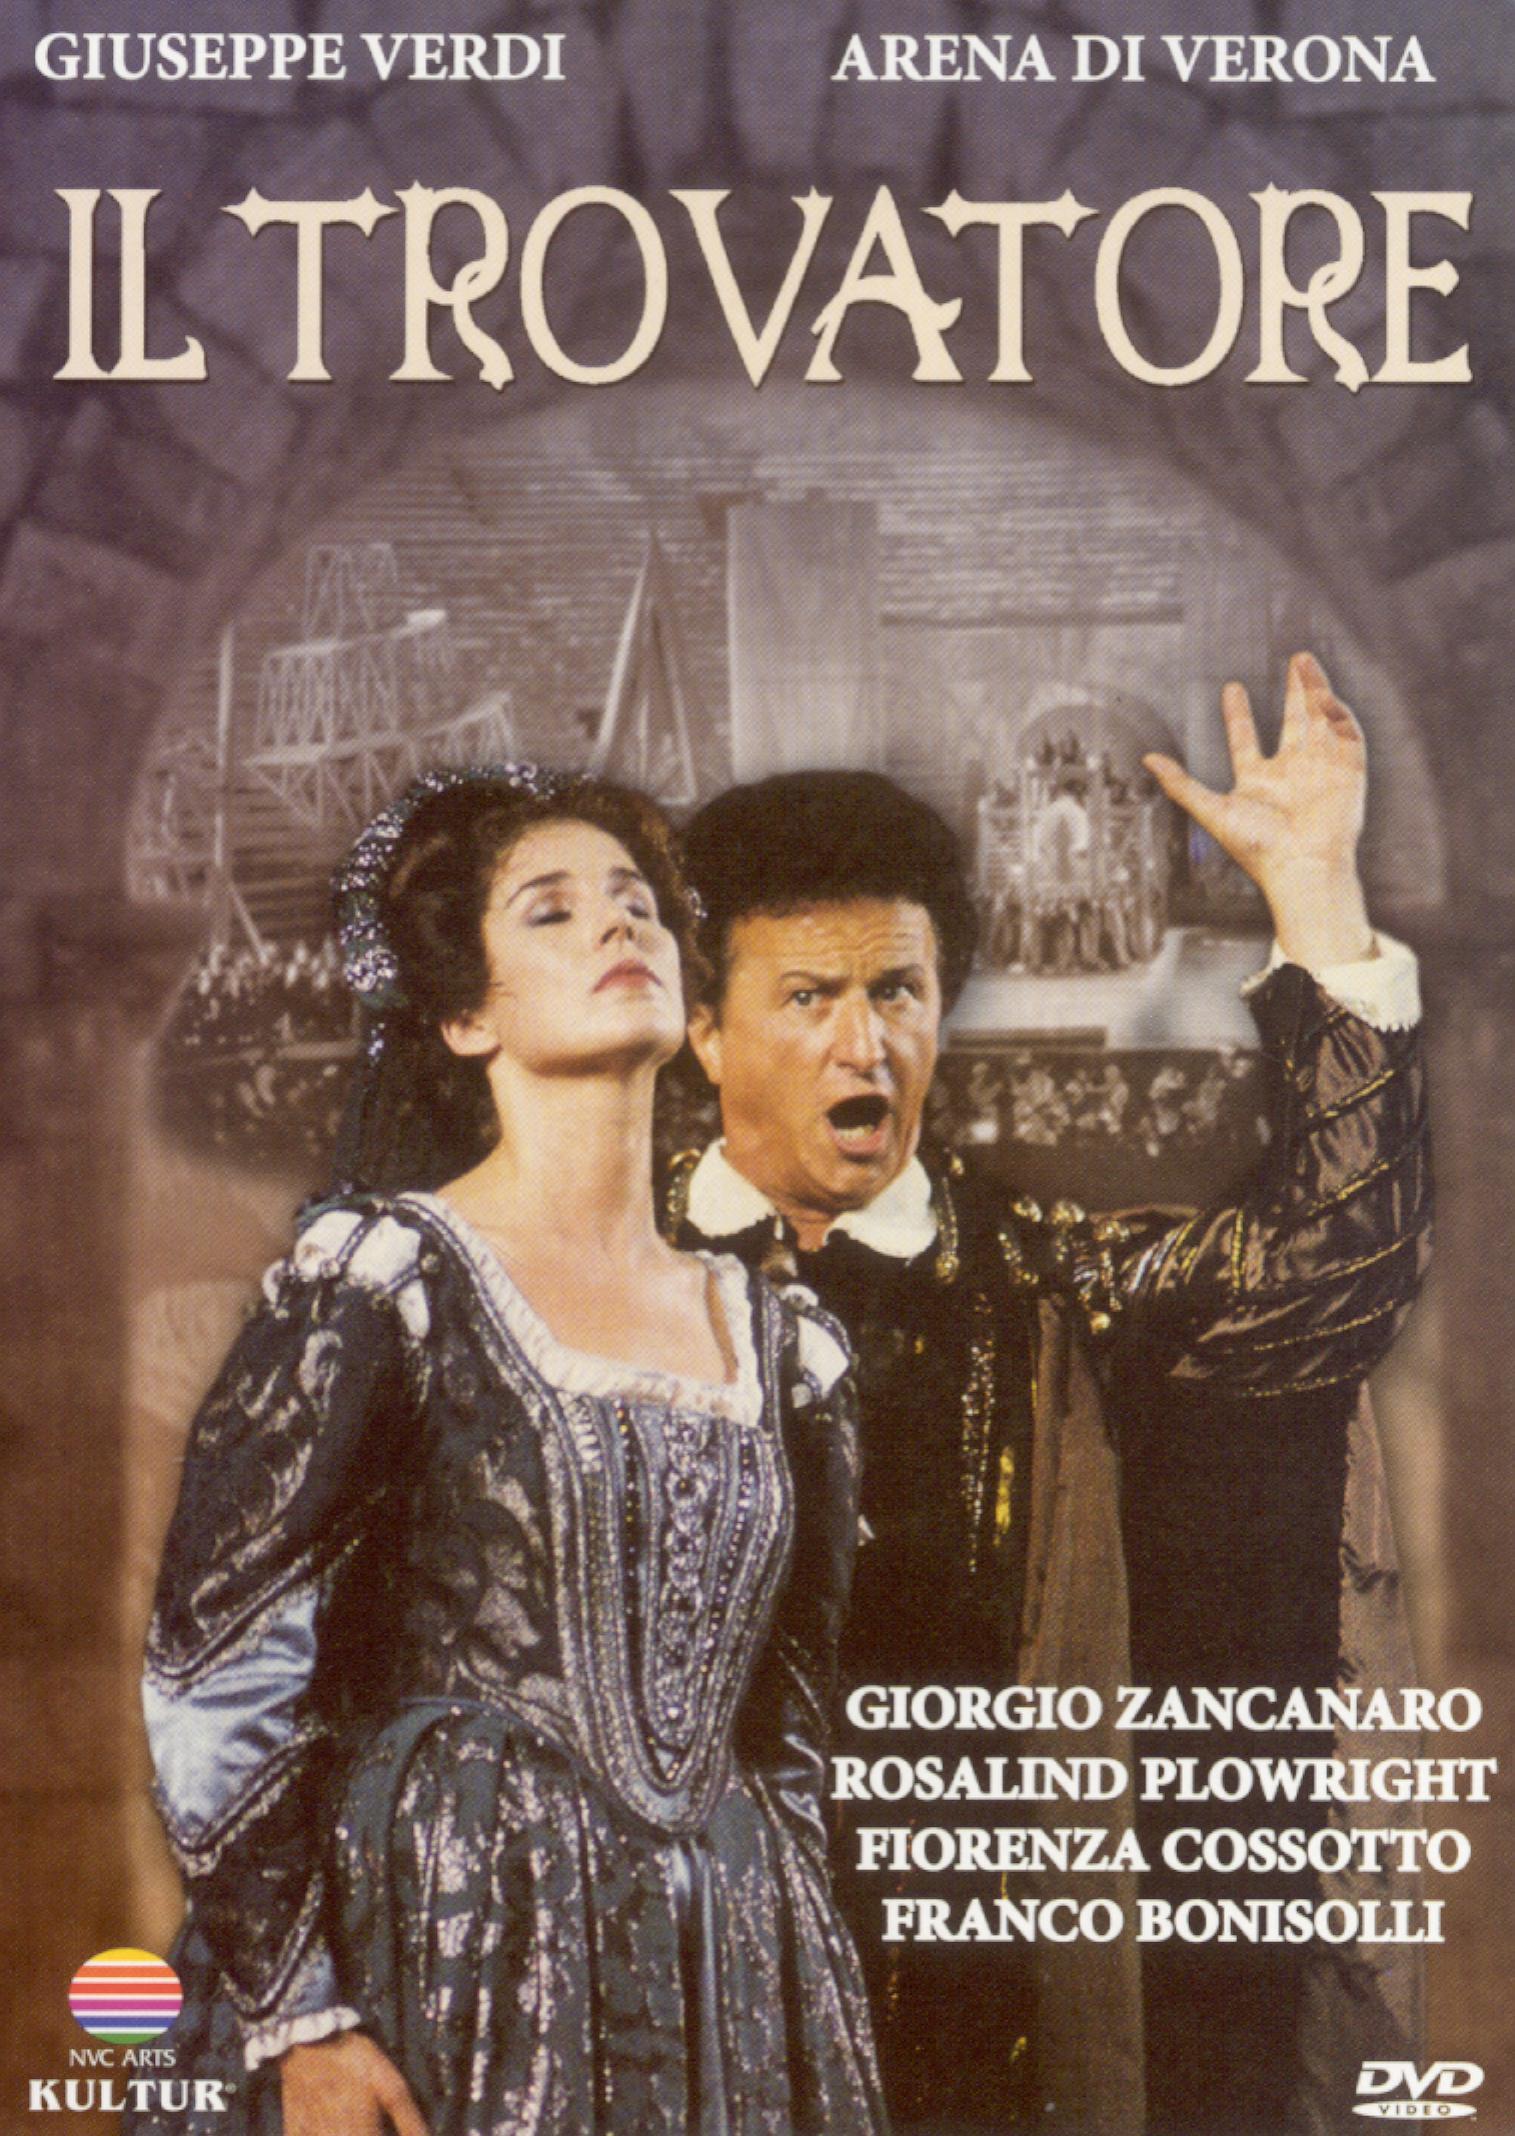 Il Trovatore (Arena di Verona)